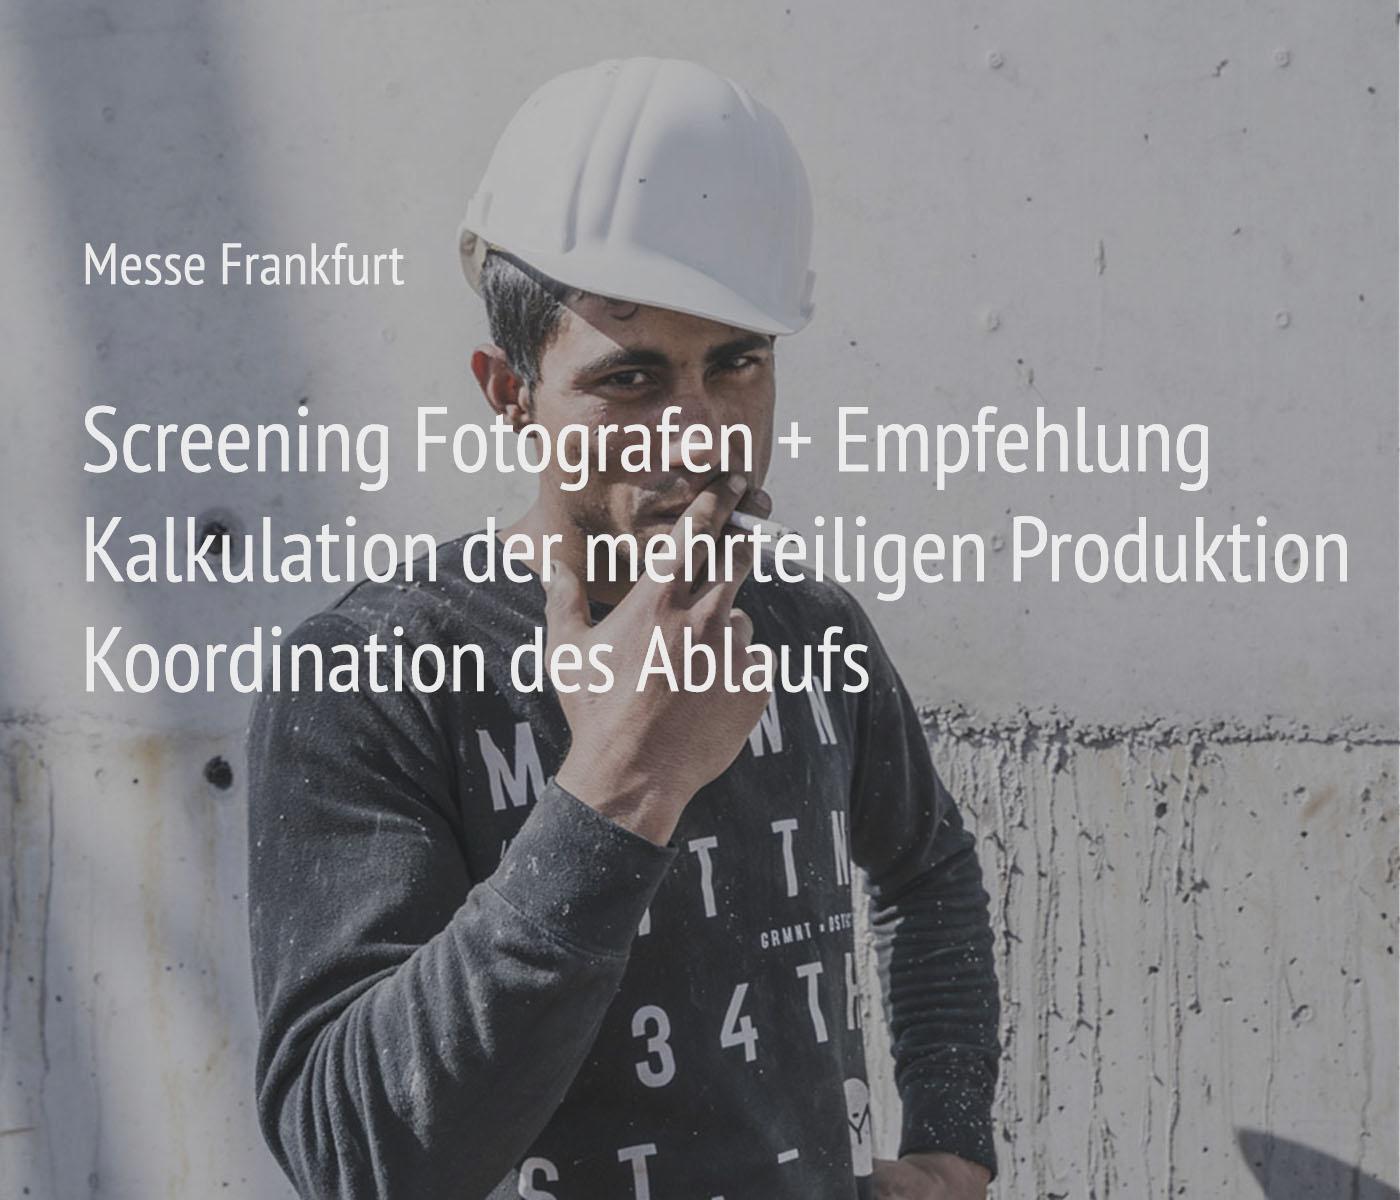 Fotografie + Management + Organisation für das Projekt Messe Frankfurt